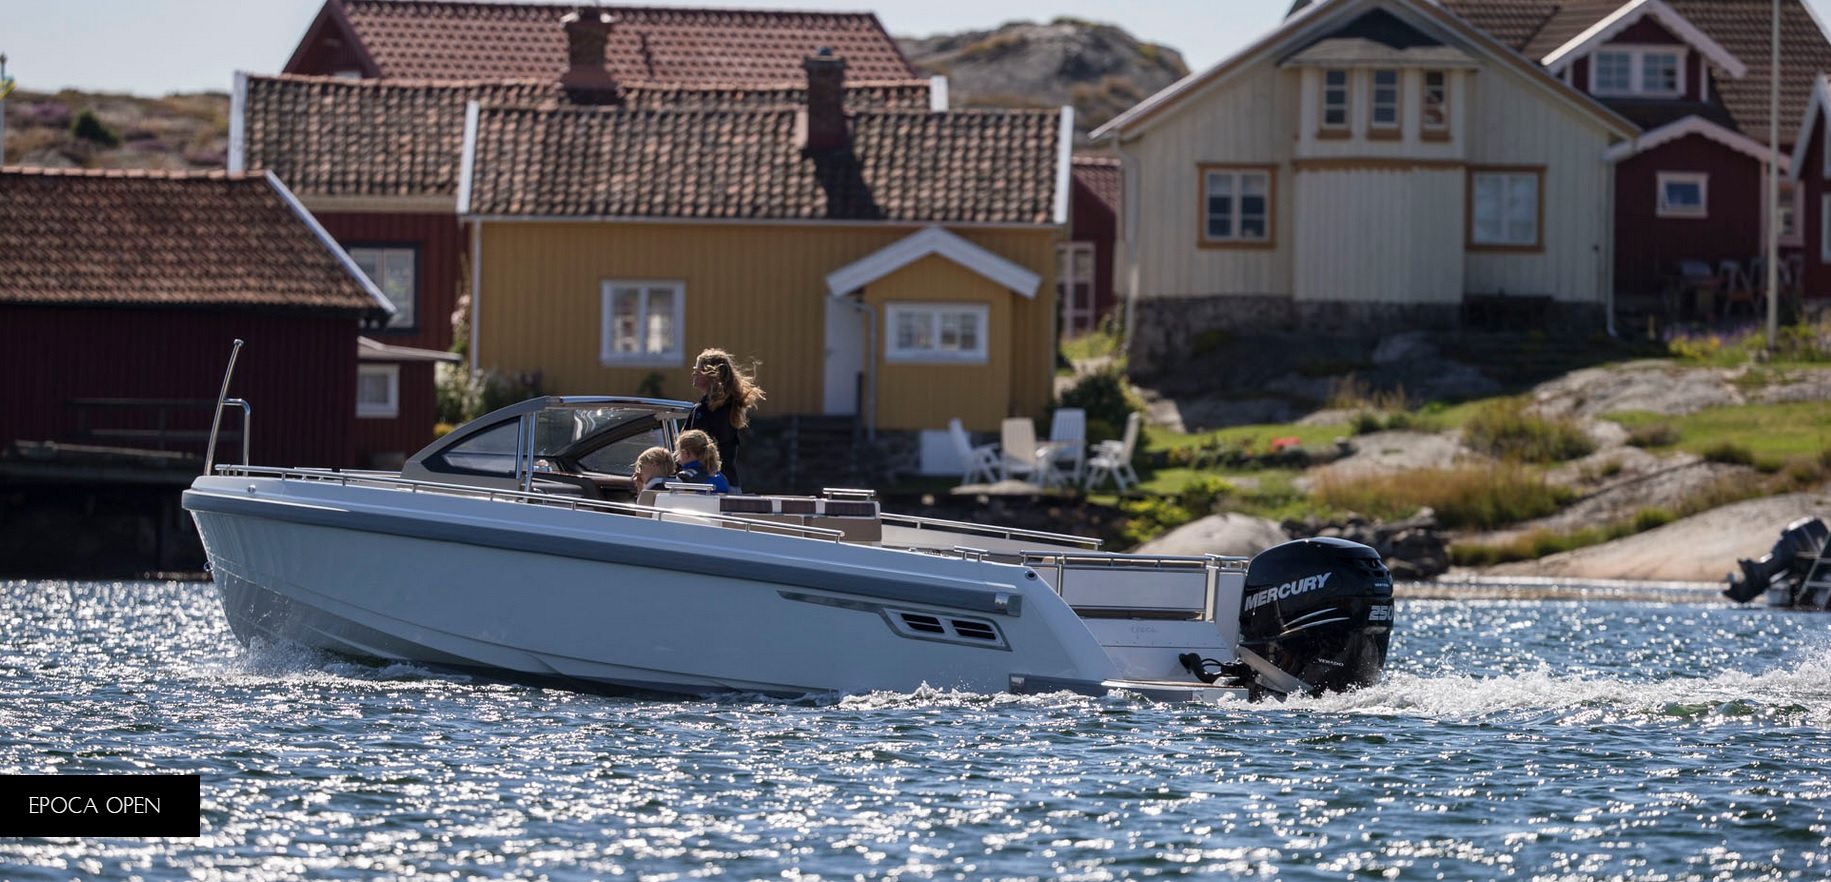 Epoca Yachts - OPEN